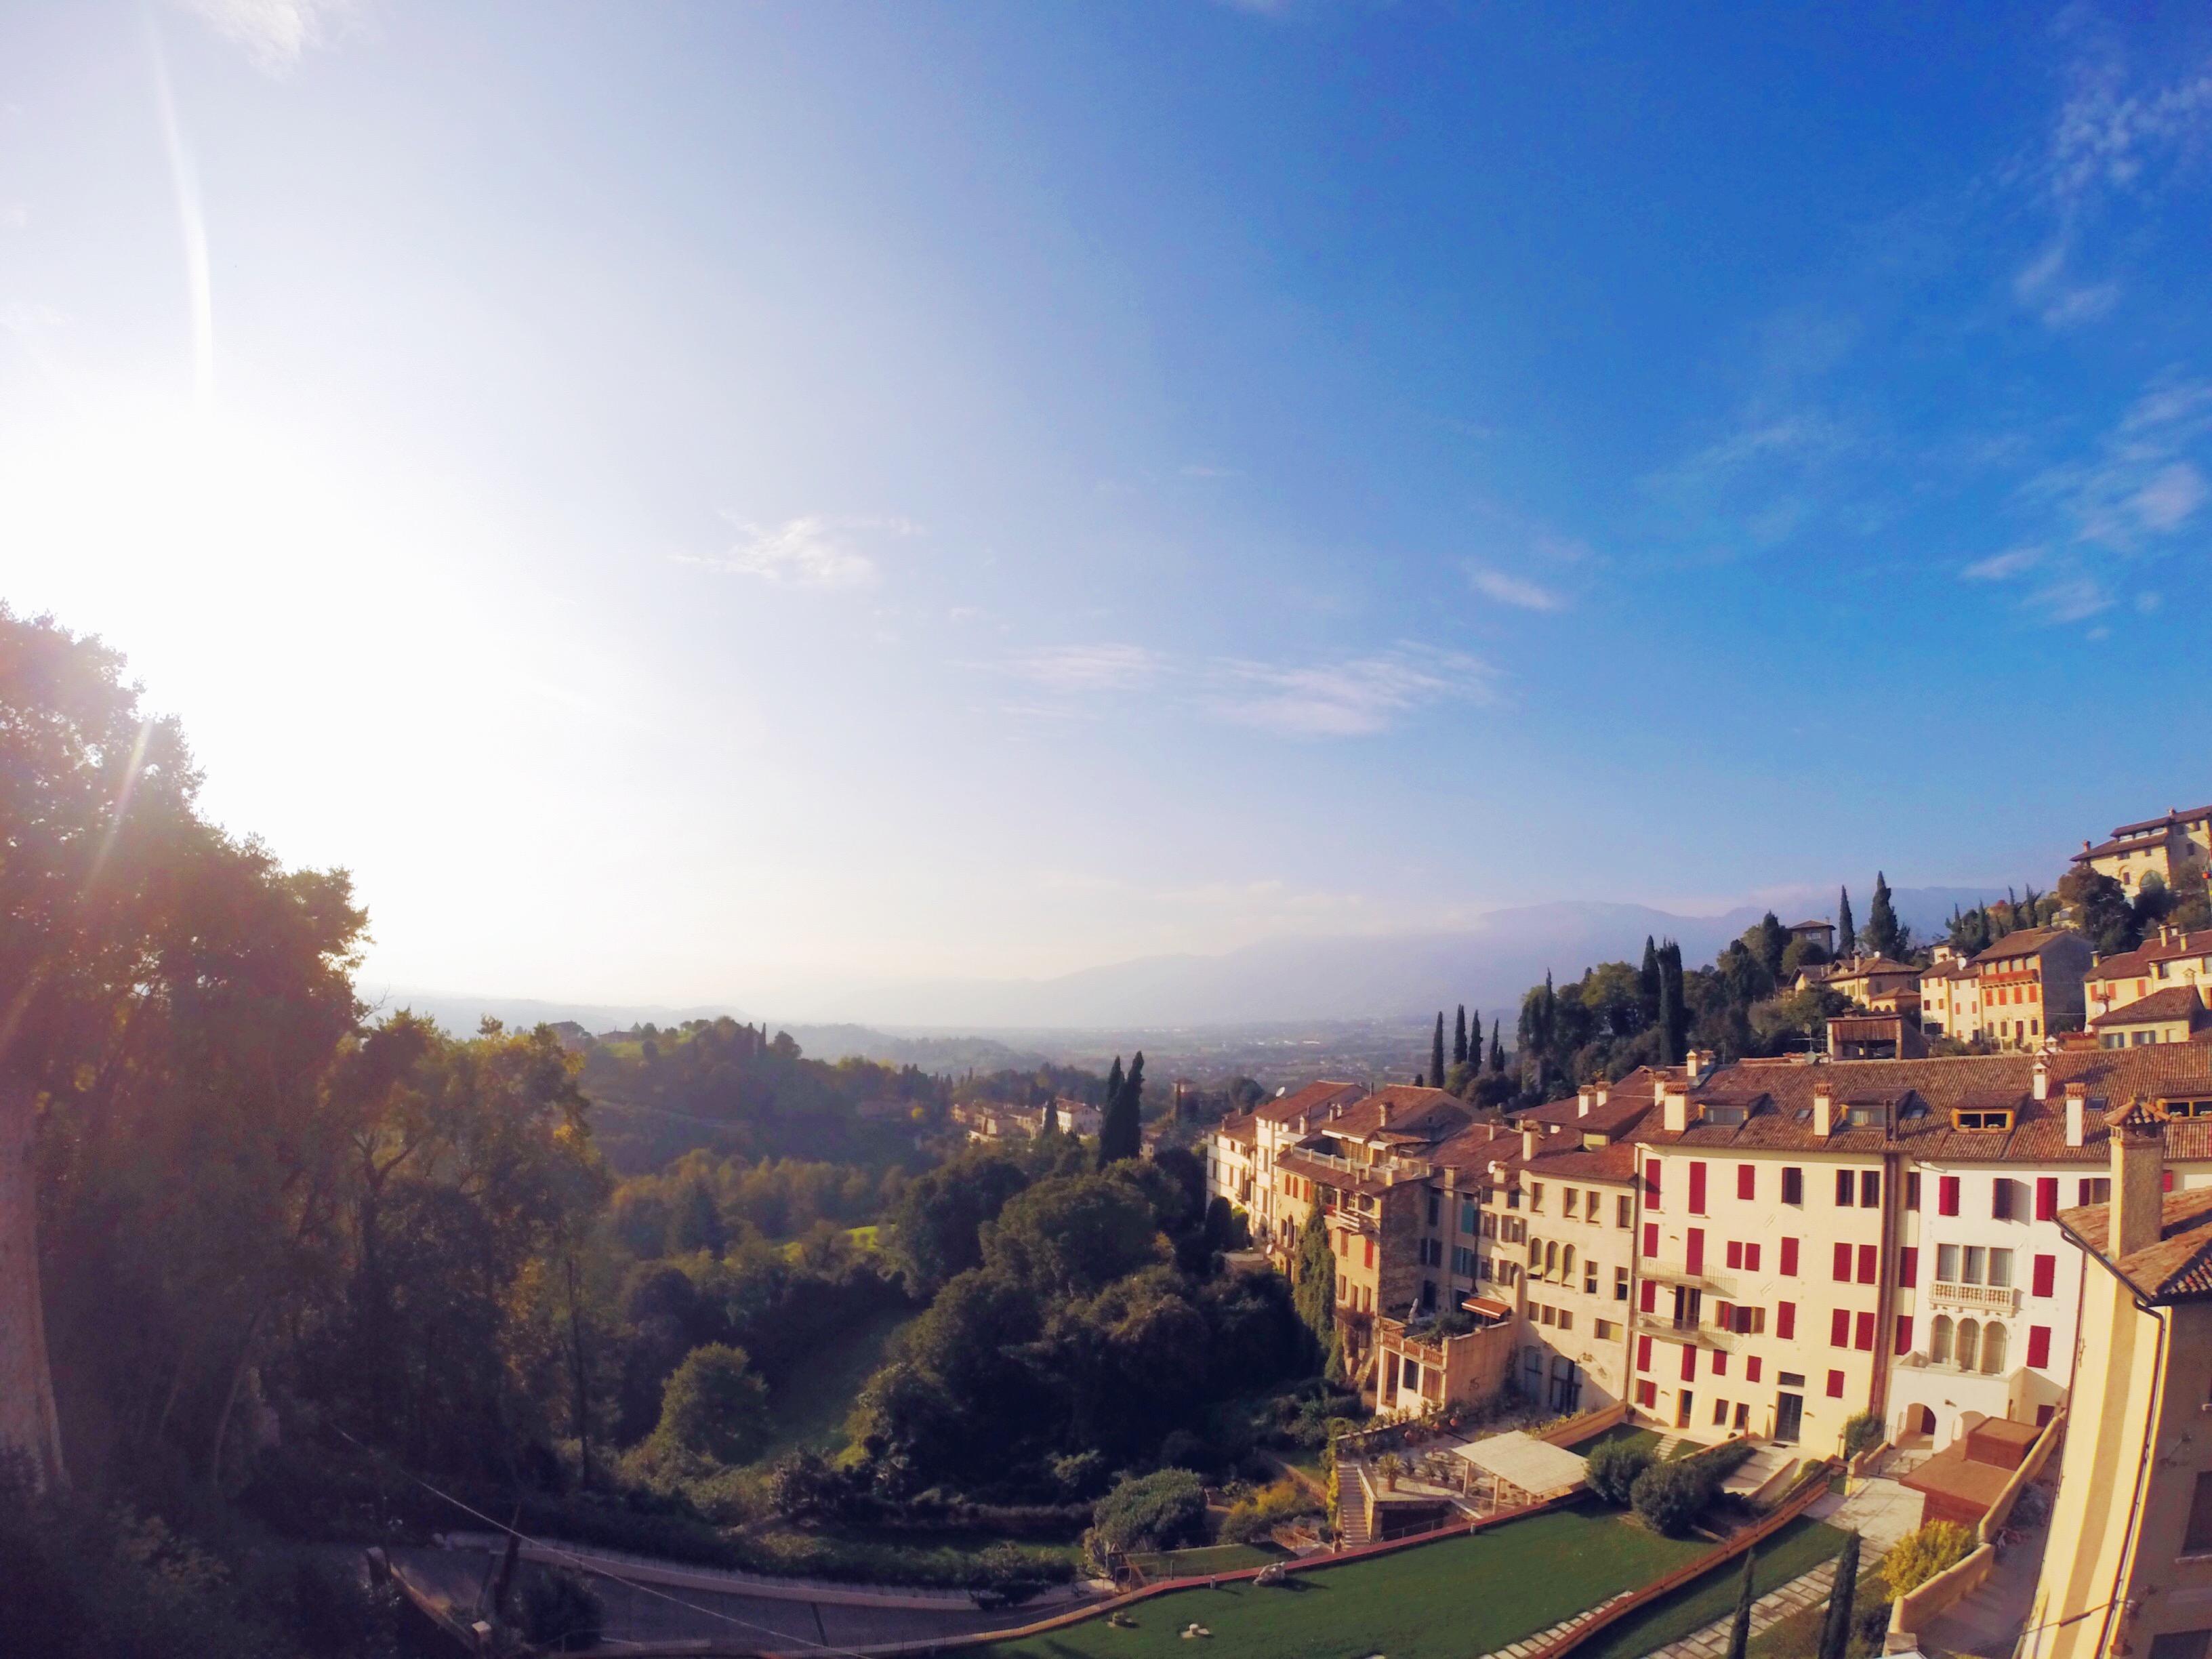 La vista dal balconcino panoramico del Castello di Asolo